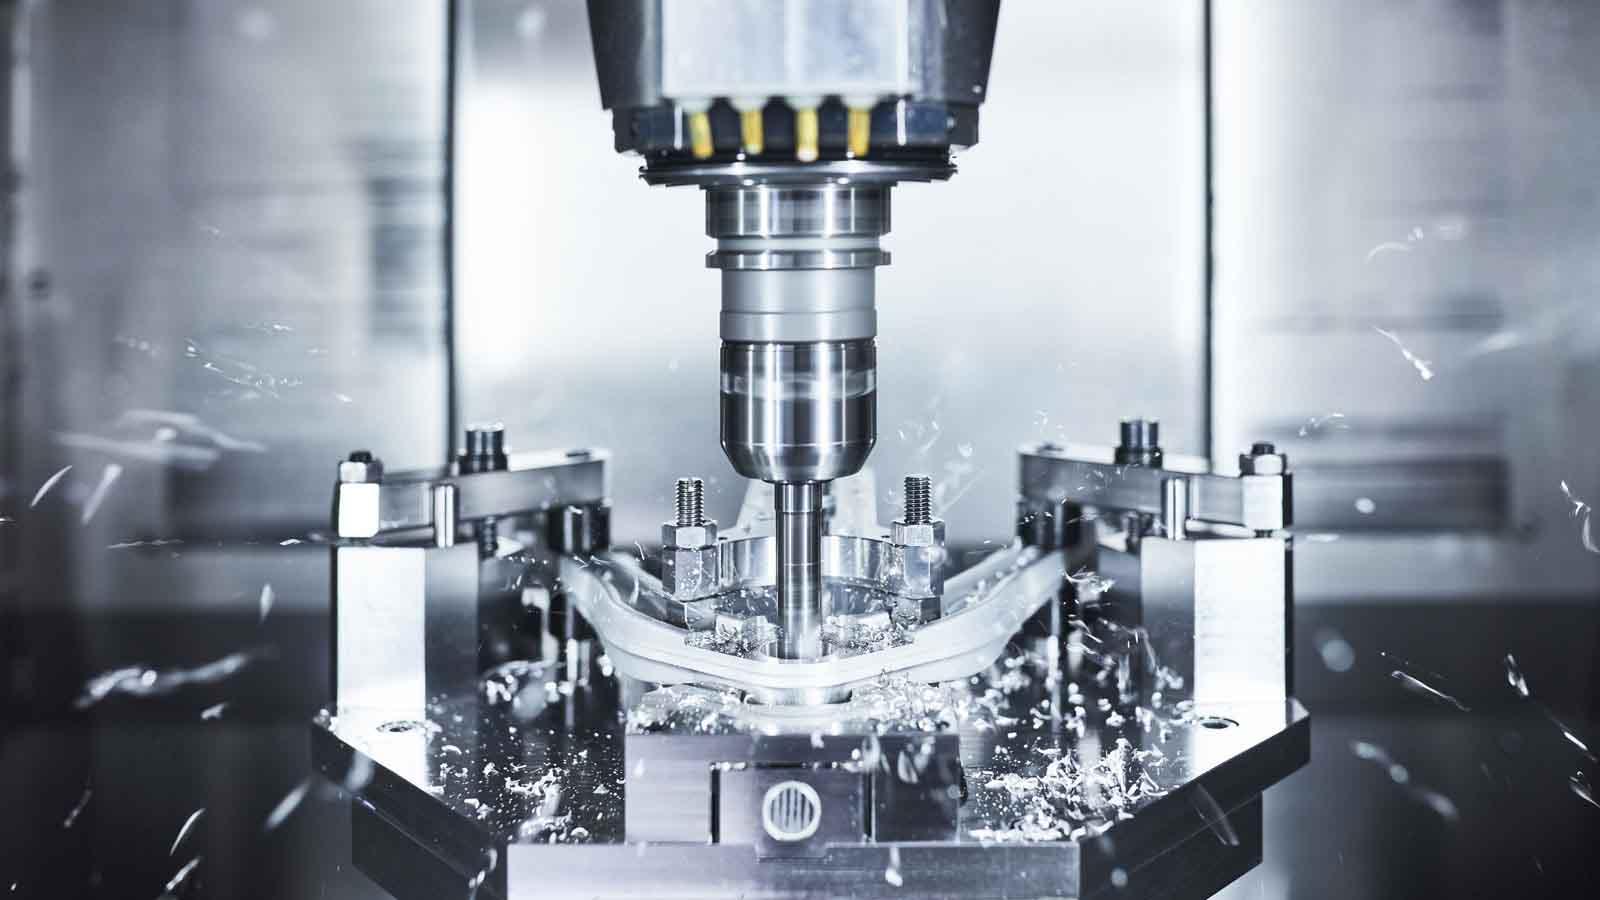 En Tecnosystem suministramos sistemas de sujeción y paletización Carl Hirschmann GMBH para máquinas de electroerosión por hilo y penetración. Hirschmann 4000, 5000, 8000, 9000, Minifix, µ-PrisFix,…